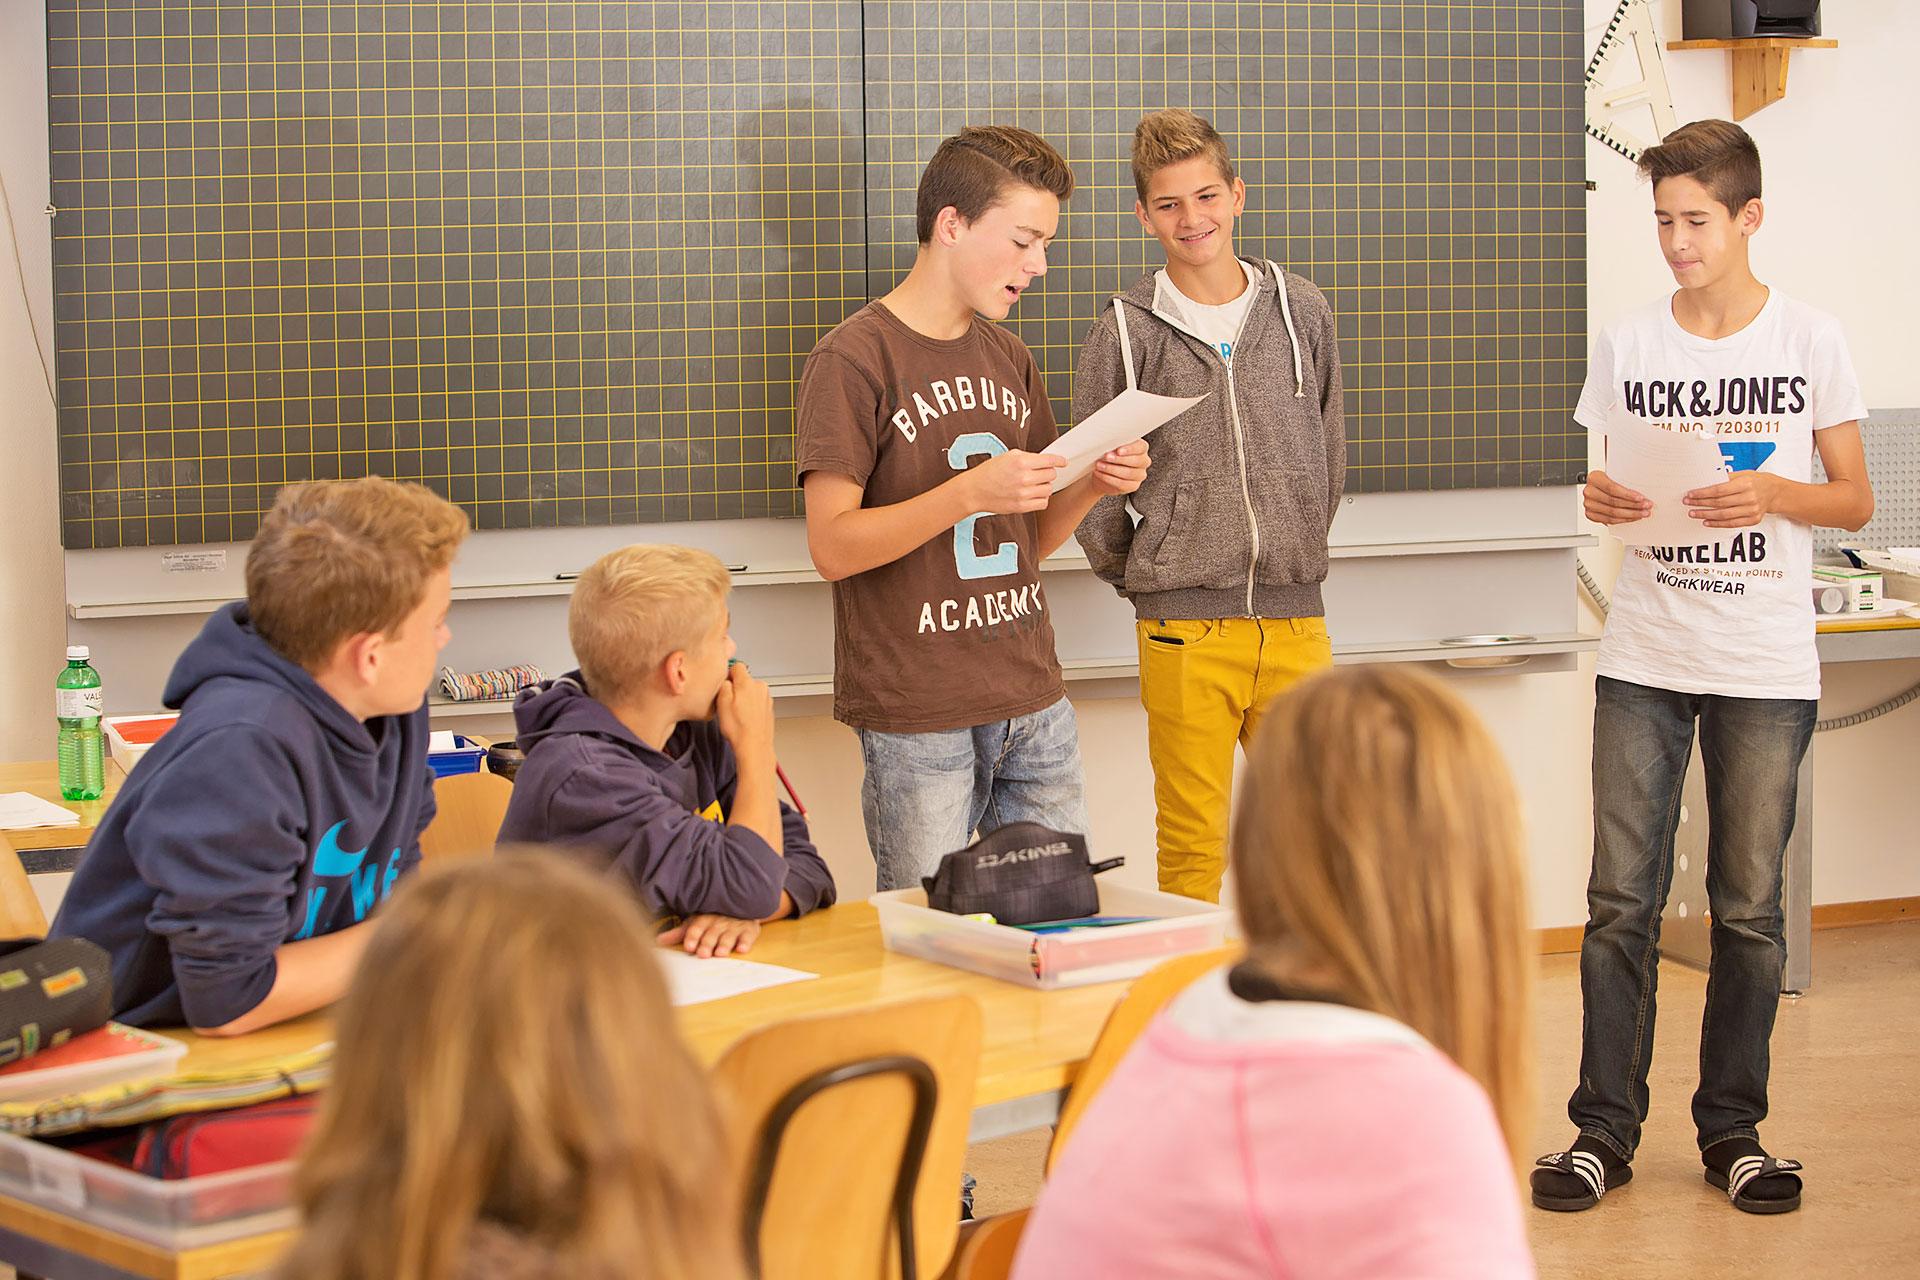 drei Schüler halten einen Vortag vor der Klasse